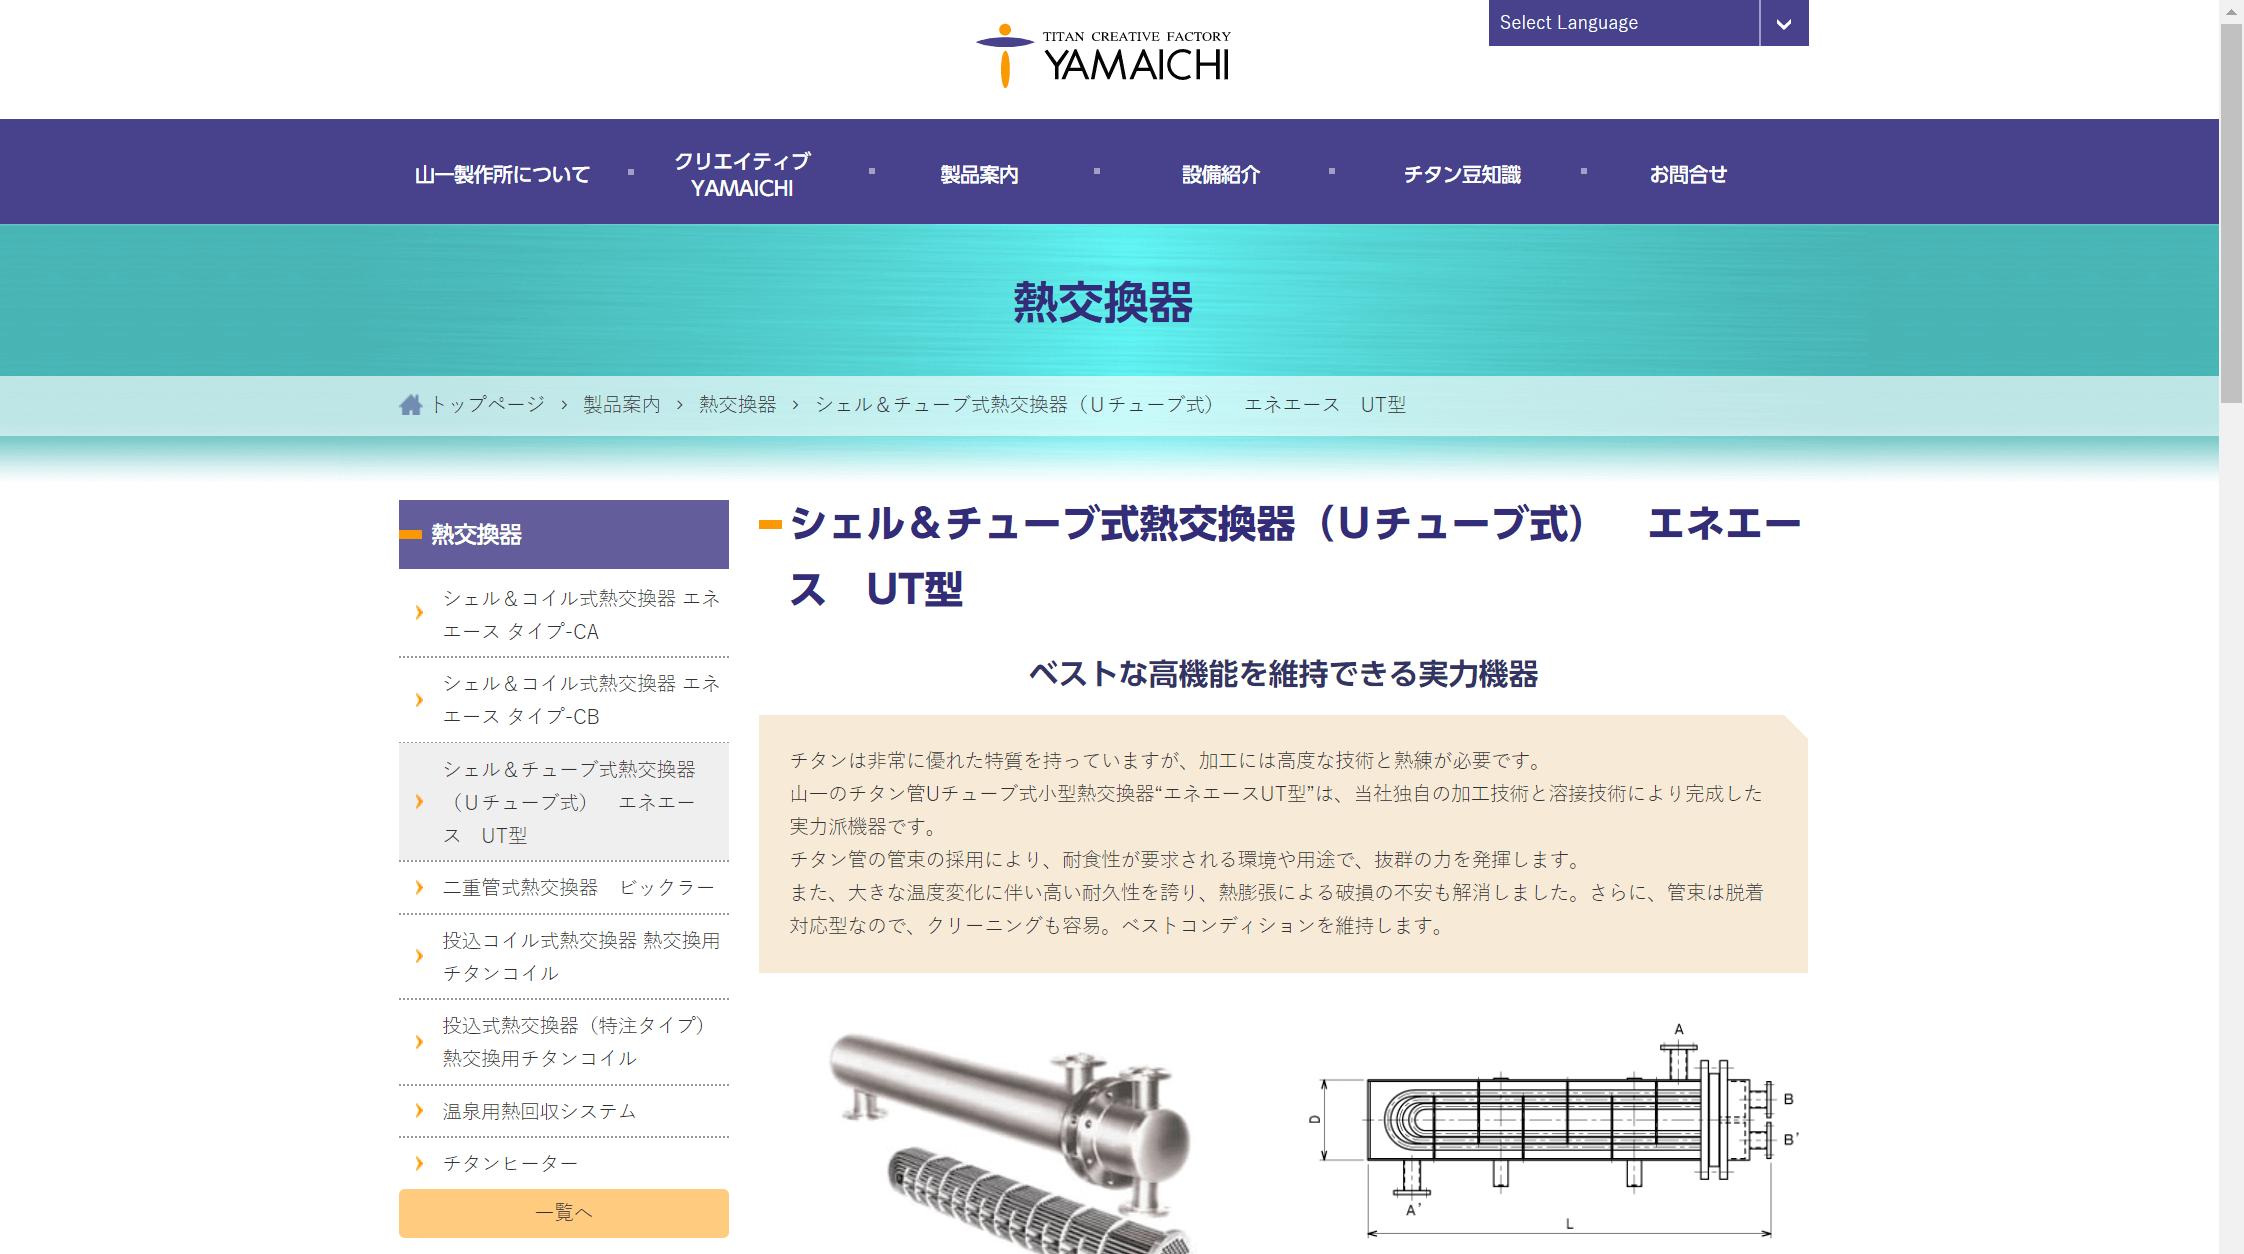 シェル&チューブ式熱交換器(Uチューブ式) エネエース UT型